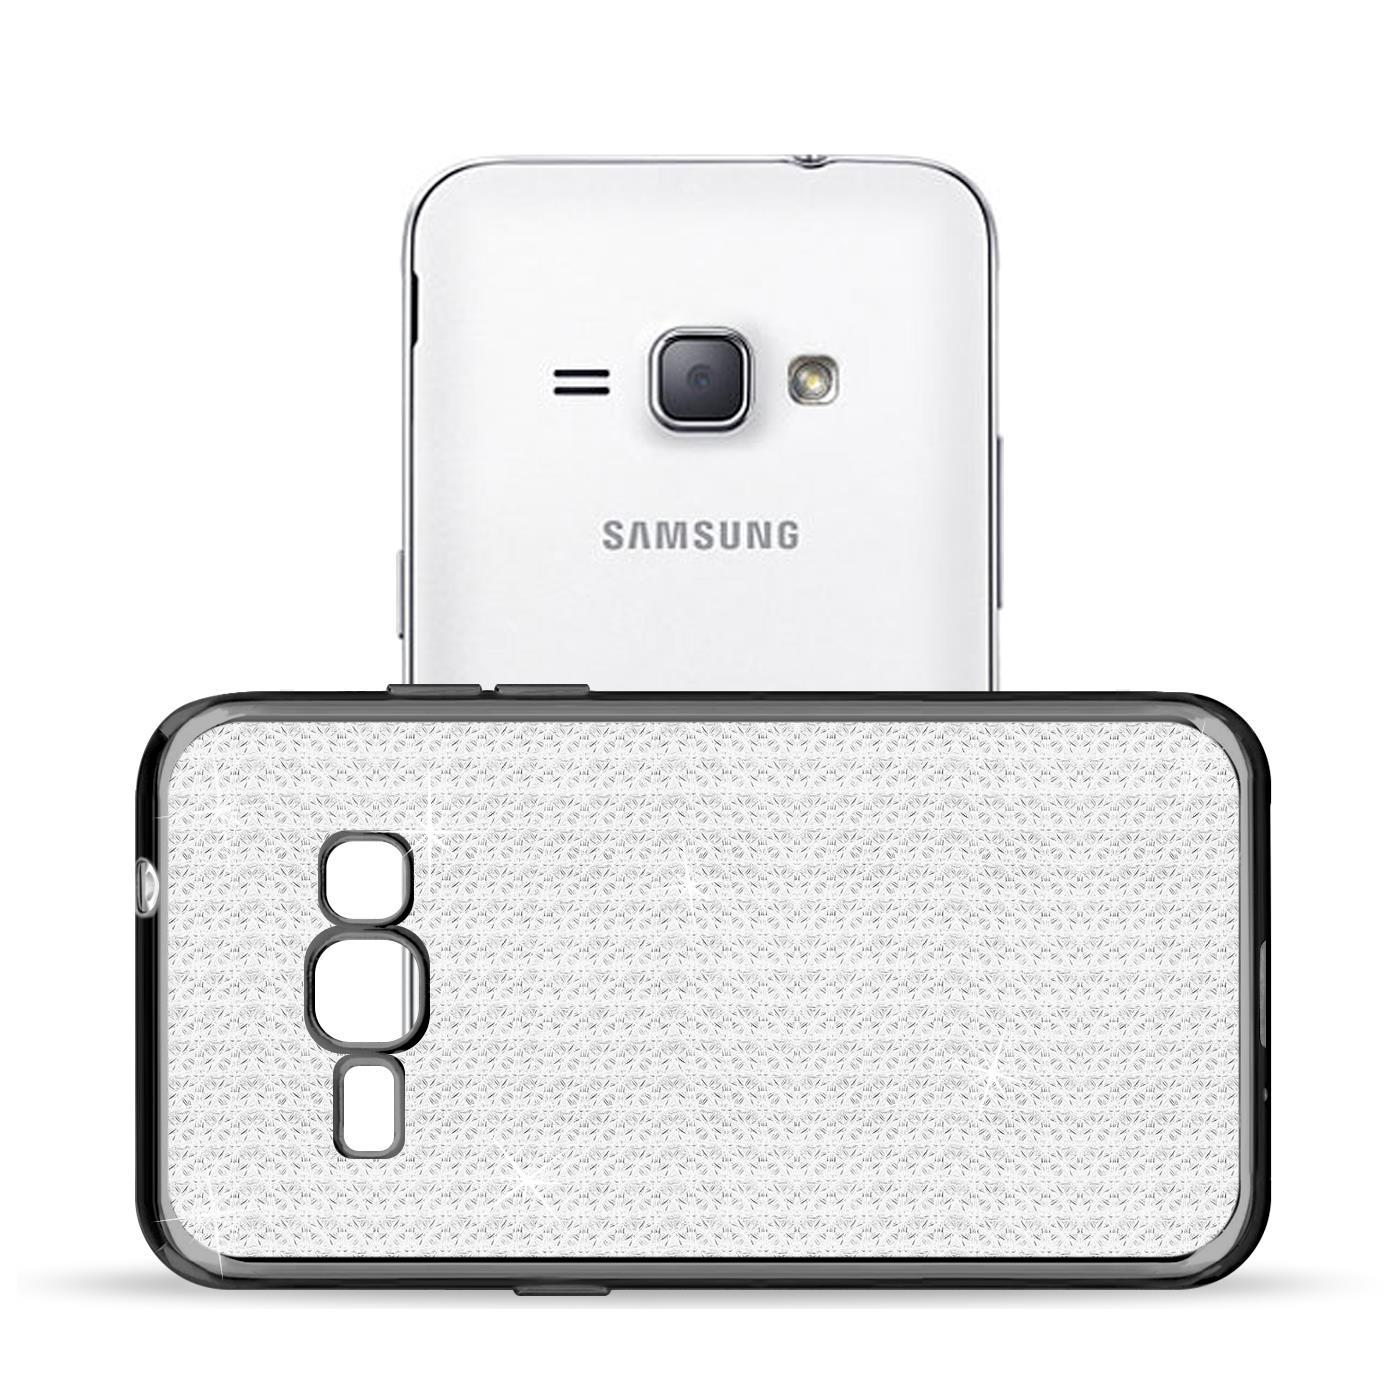 Handy-Etui-Samsung-Galaxy-J1-2016-Huelle-Glitzer-Silikon-Case-Schutz-Cover-Tasche Indexbild 4